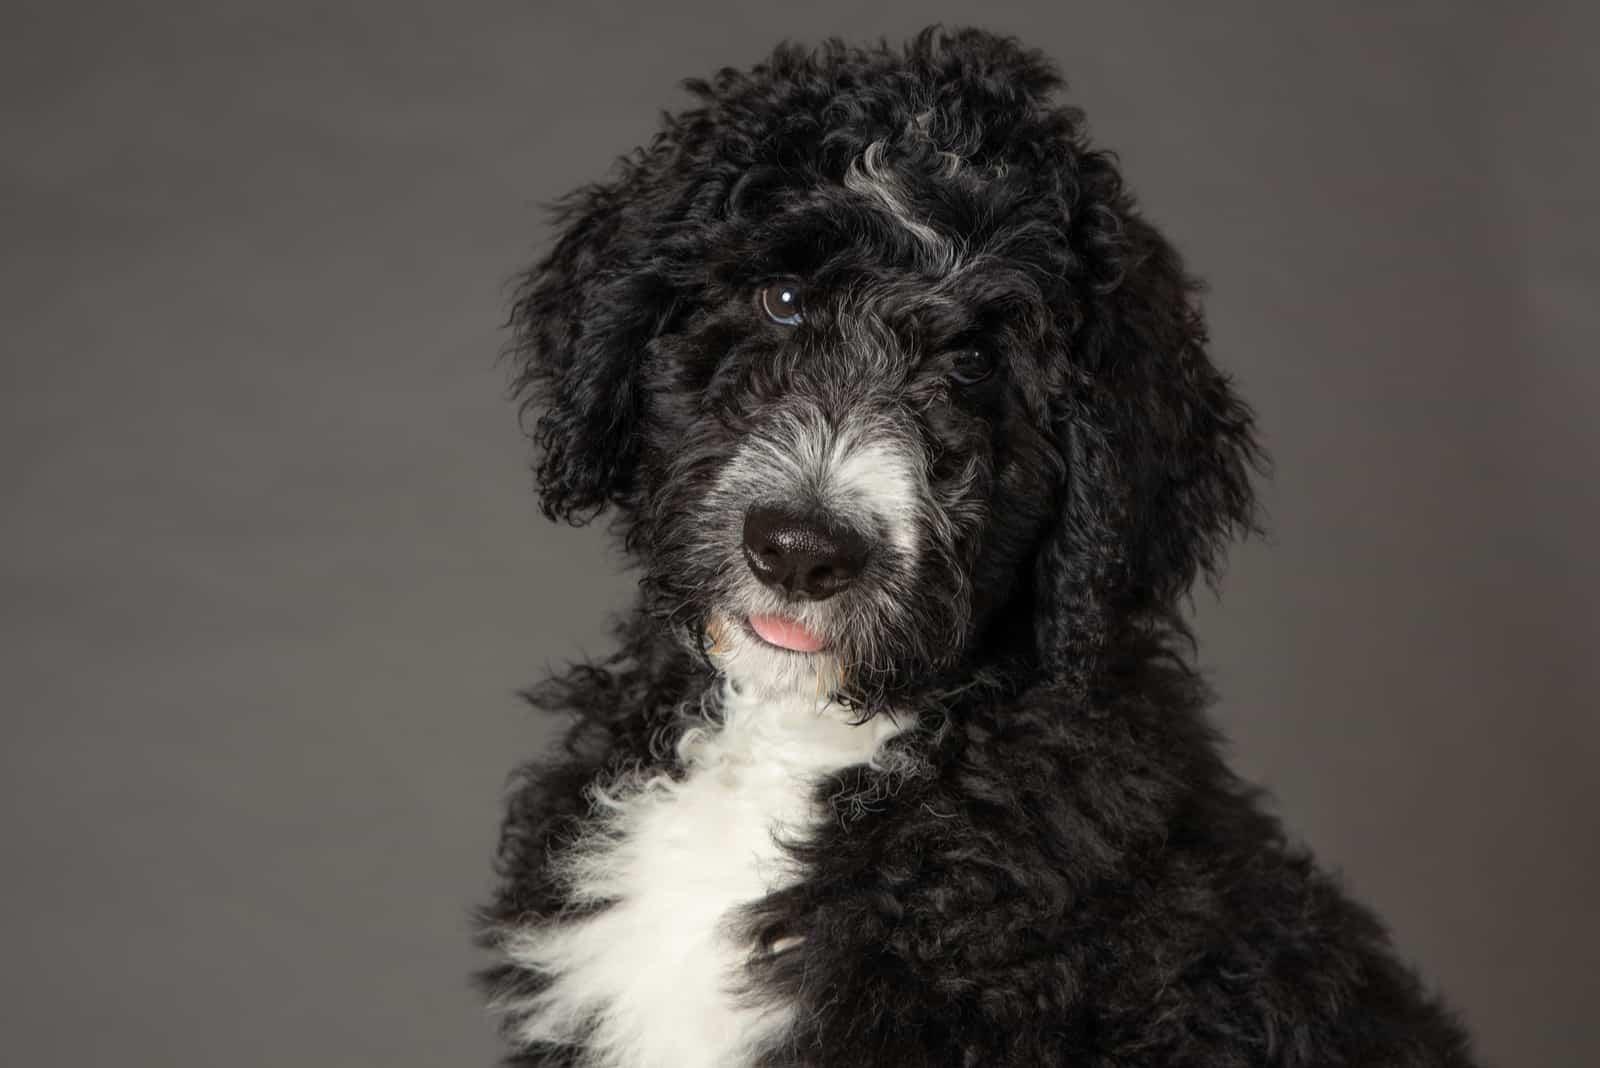 portrait of a black bernedoodle dog